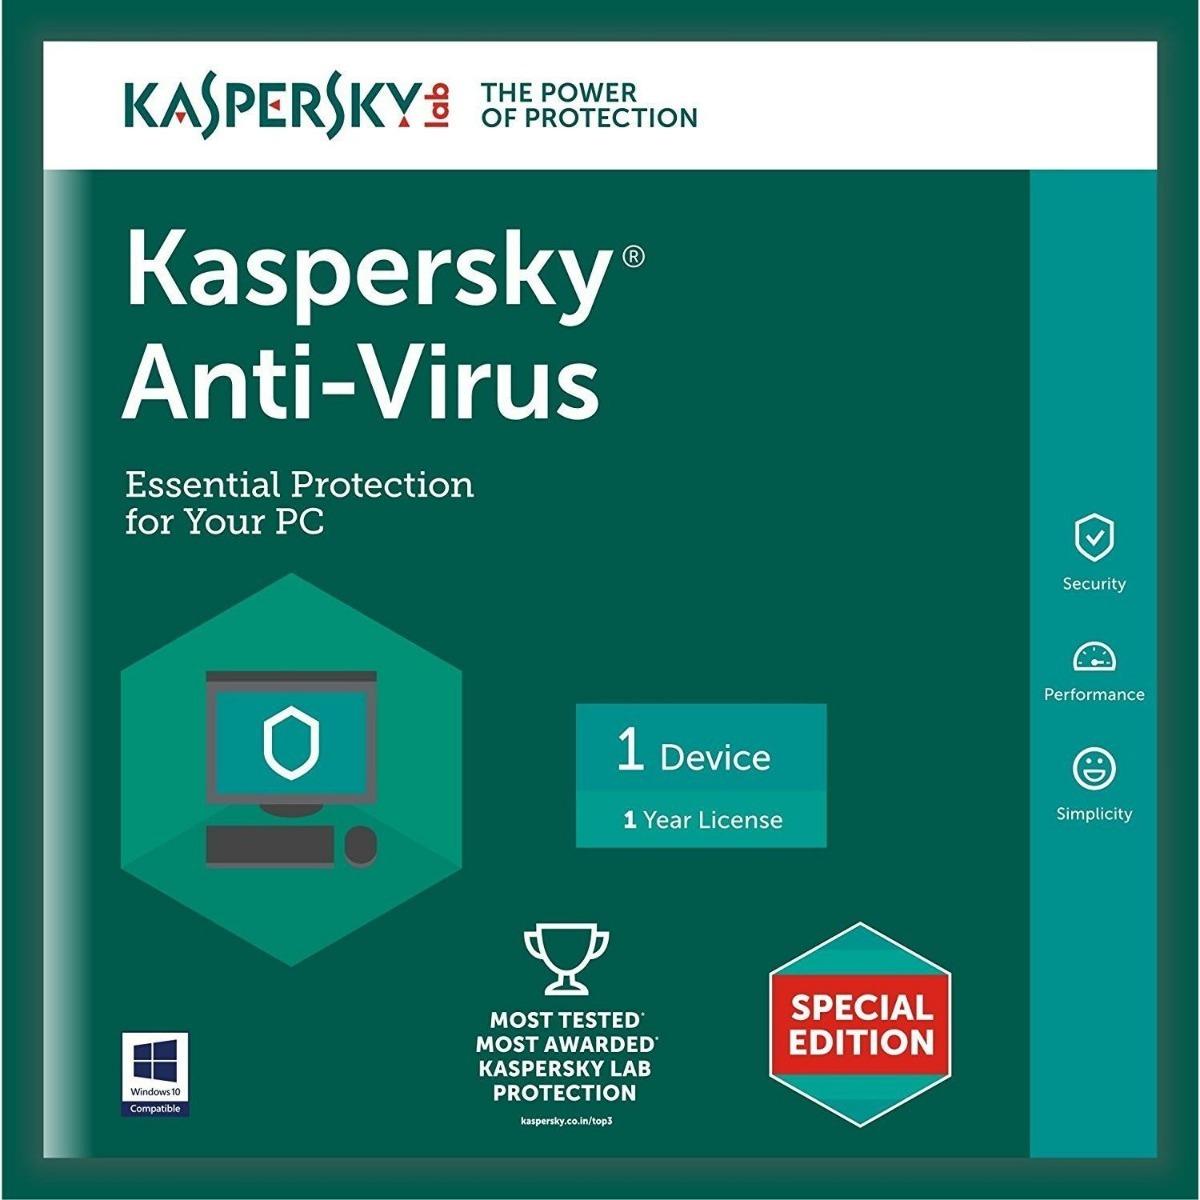 Kaspersky Anti-Virus 1PC: Mua bán trực tuyến Phần mềm bảo mật với giá rẻ |  Lazada.vn